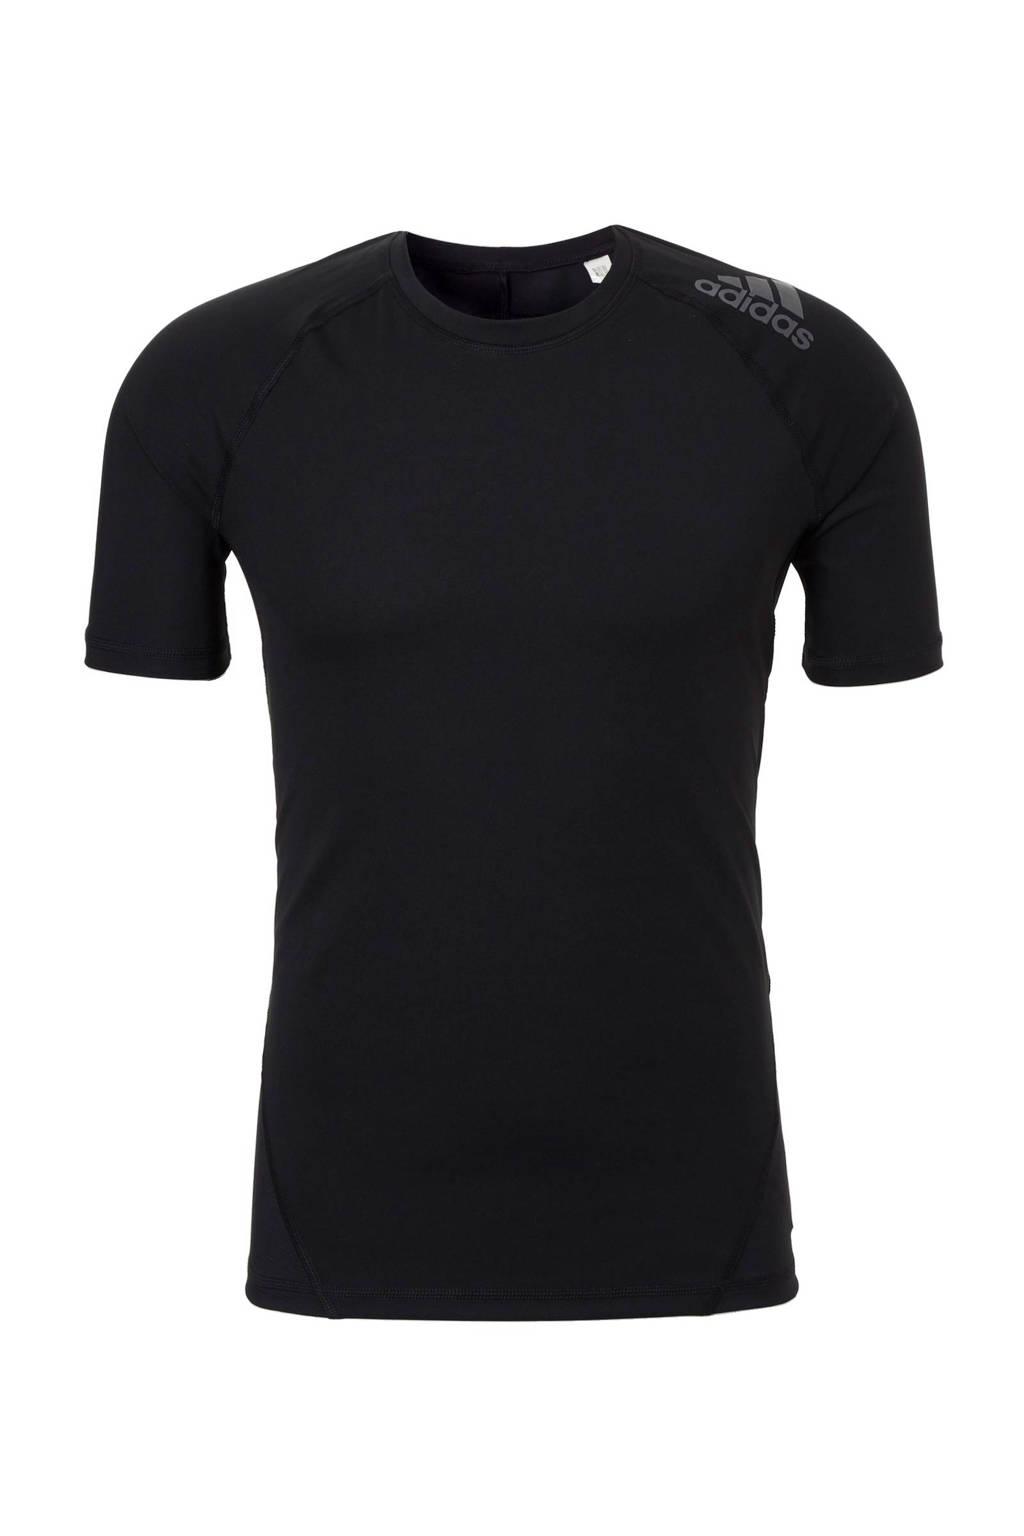 adidas performance   sport T-shirt, Zwart